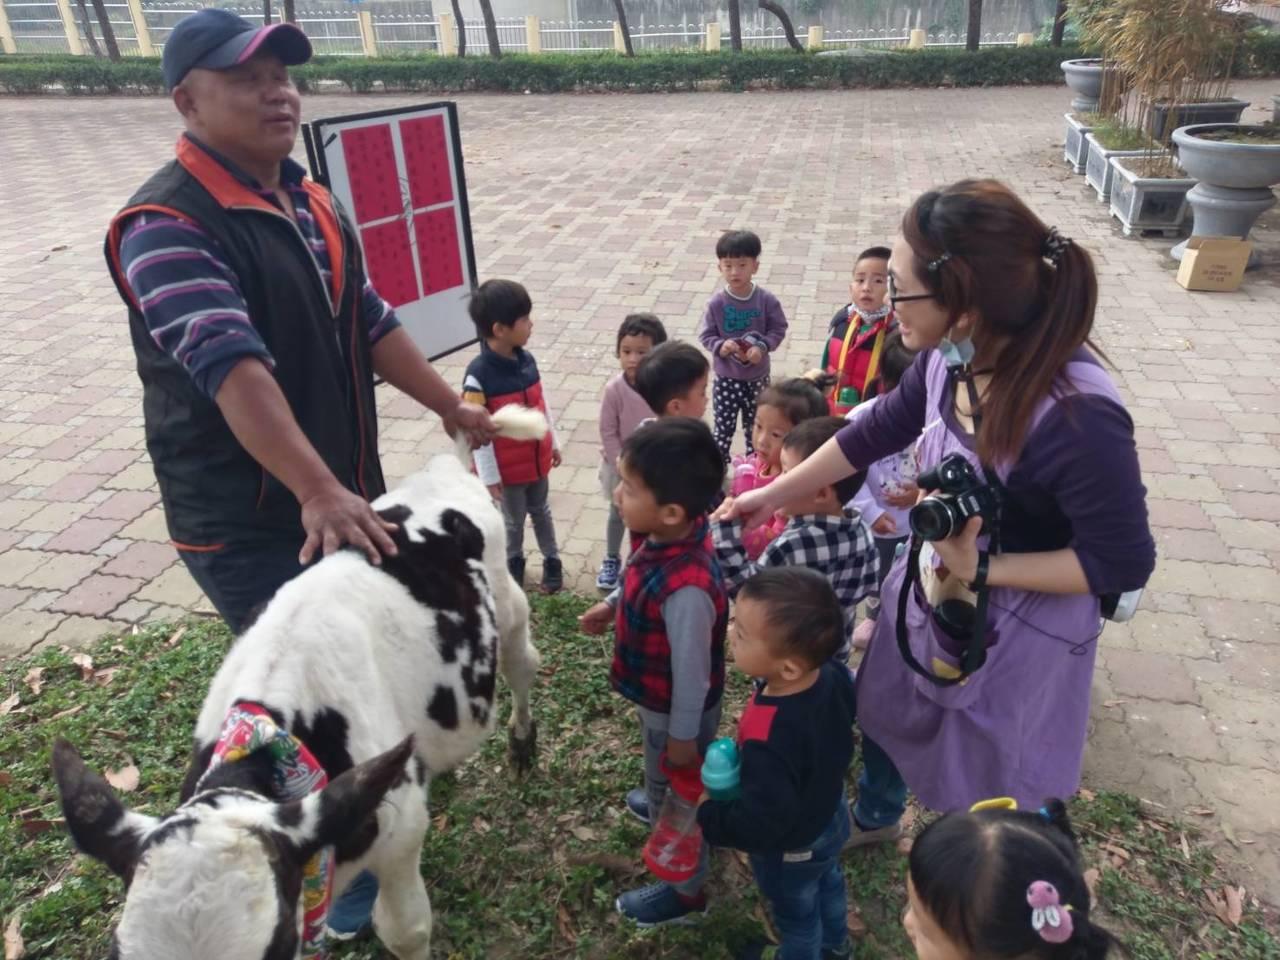 不一樣開學儀式,台南官田渡拔國小摸春牛勤勉向學。圖/渡拔國小提供